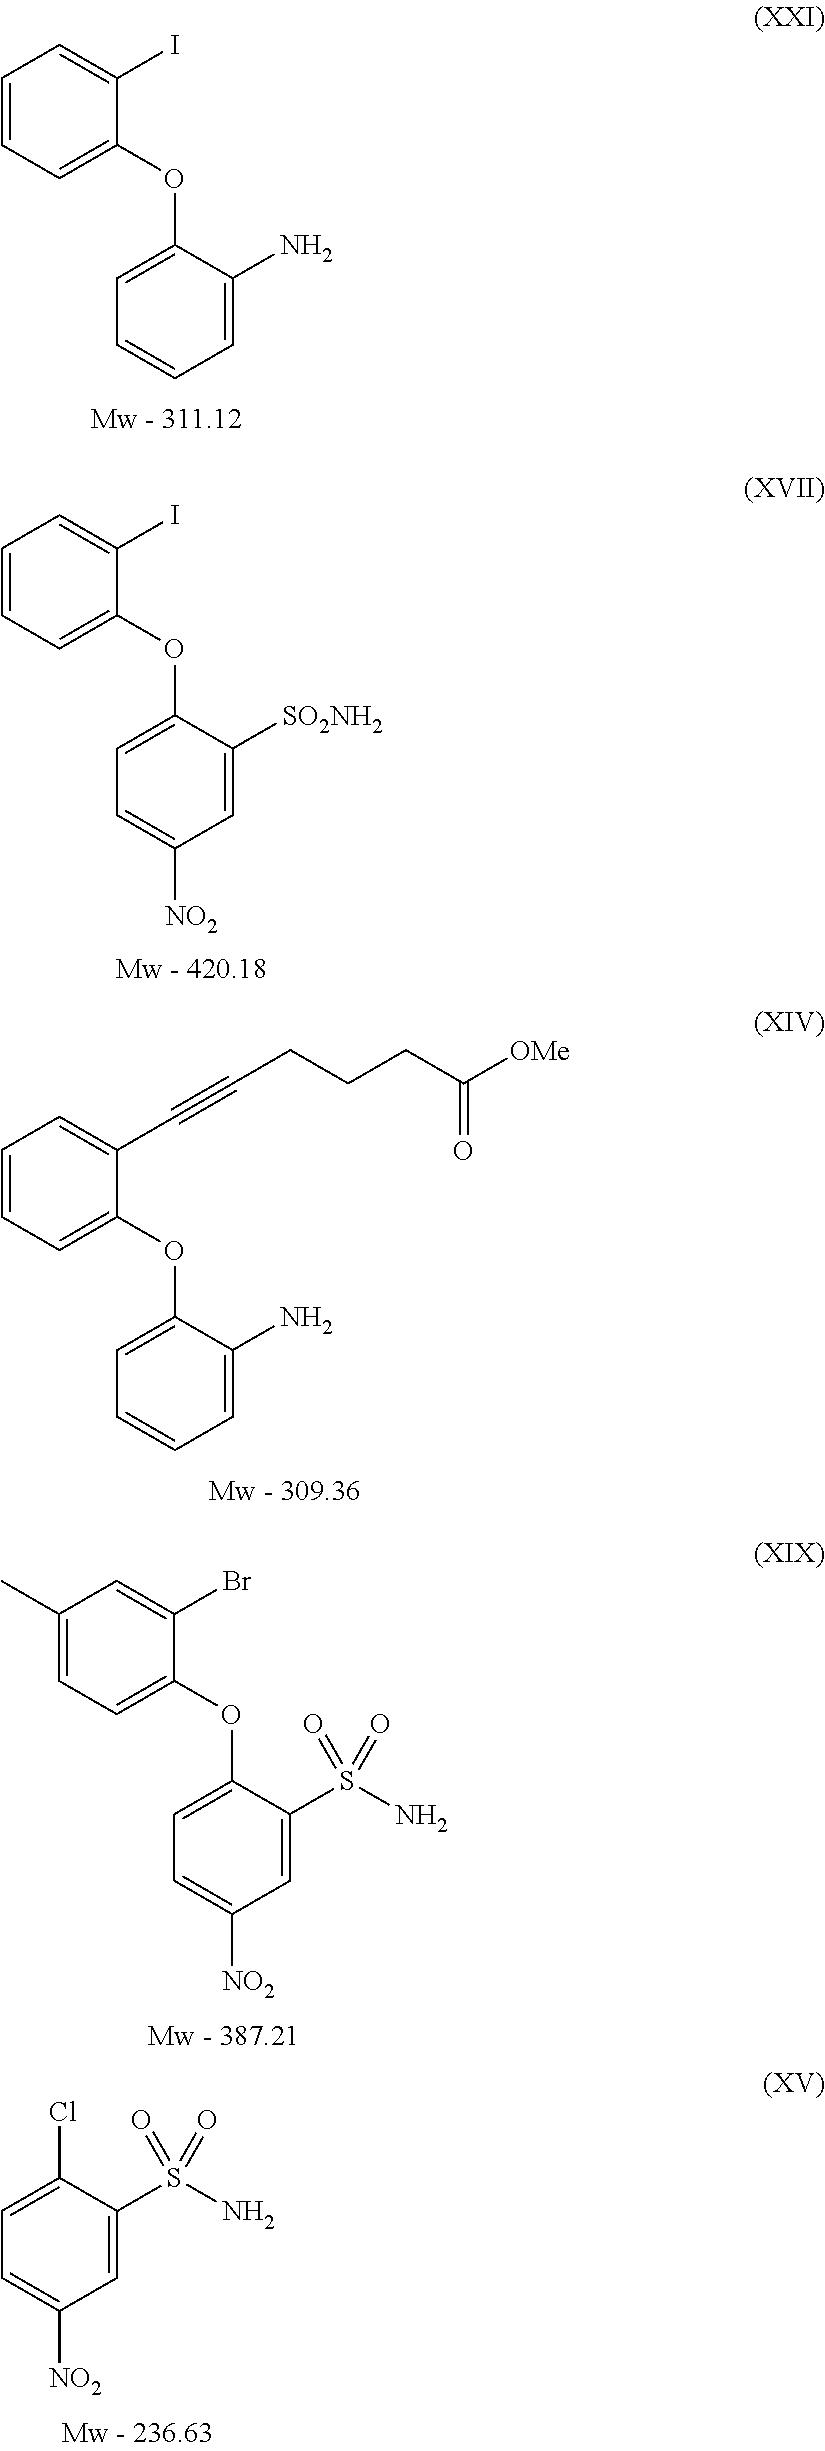 Figure US09718781-20170801-C00044